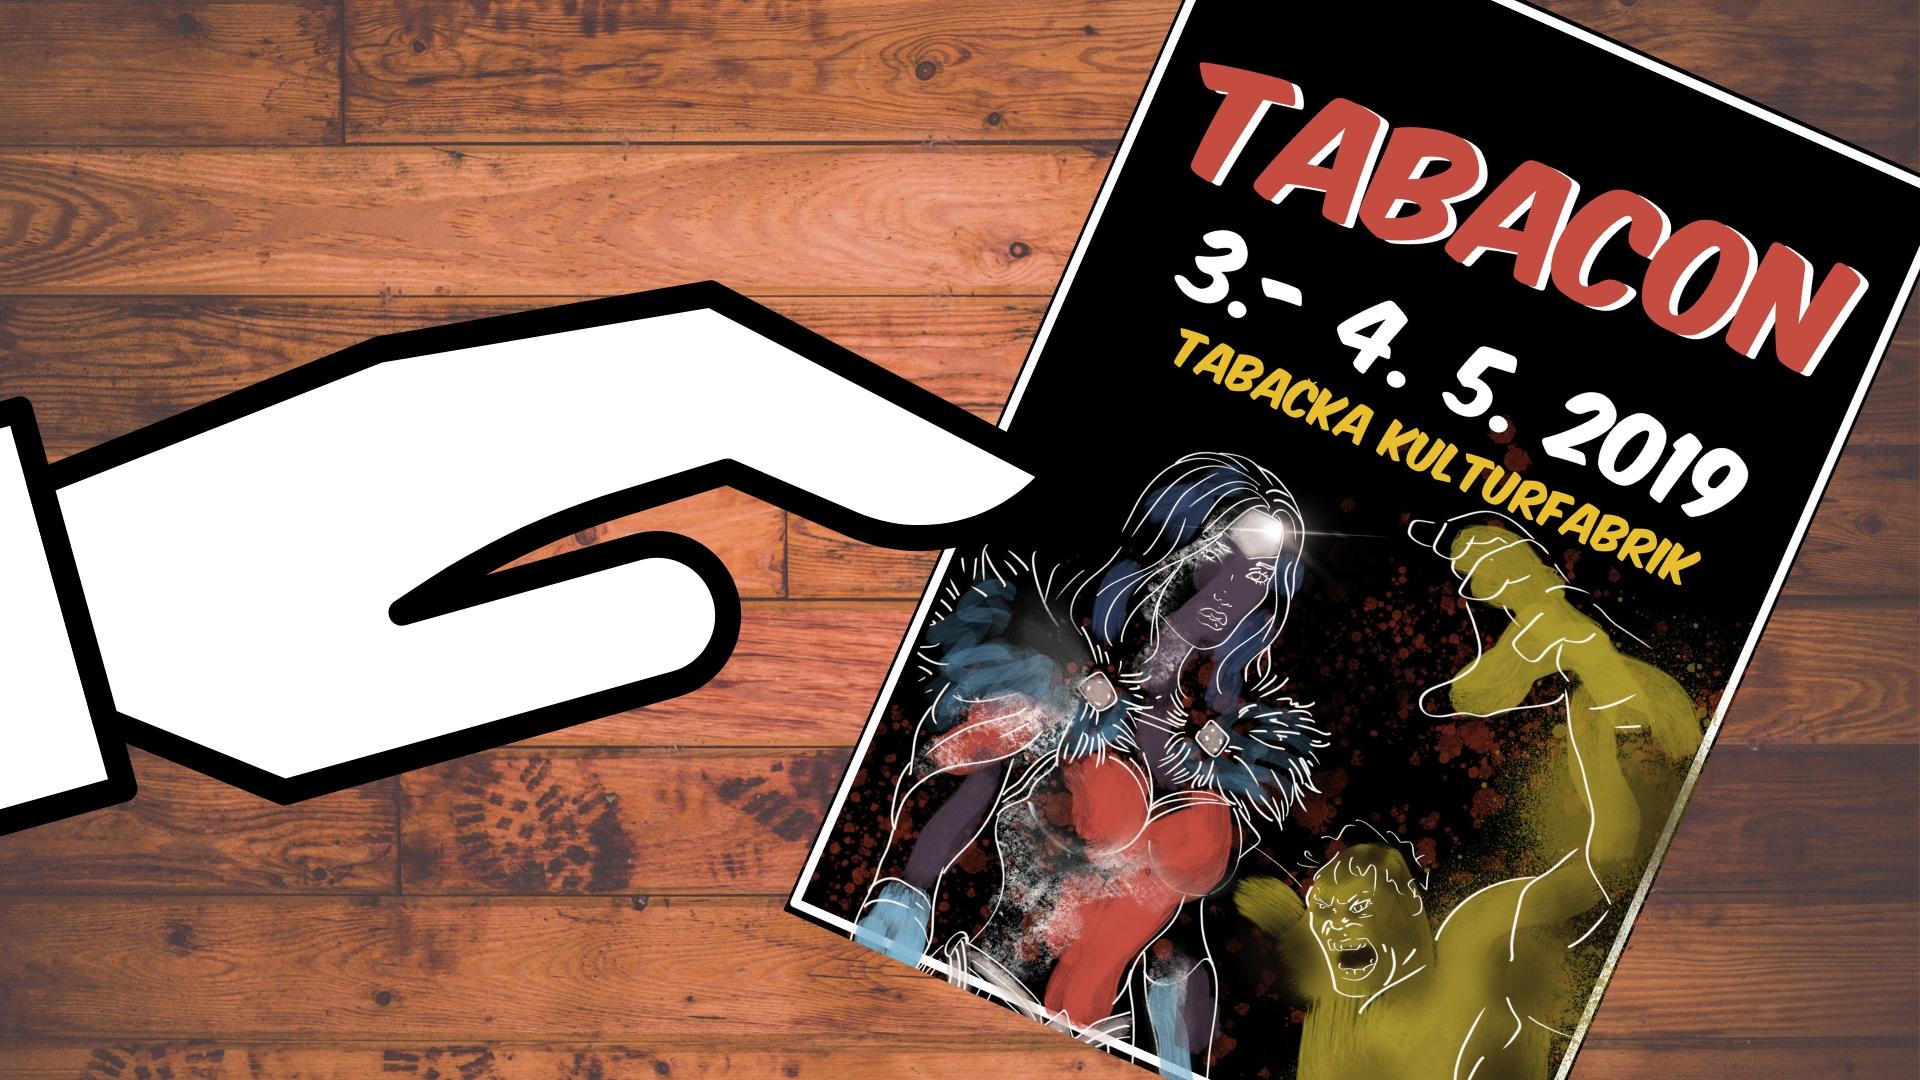 TabaCon 2019